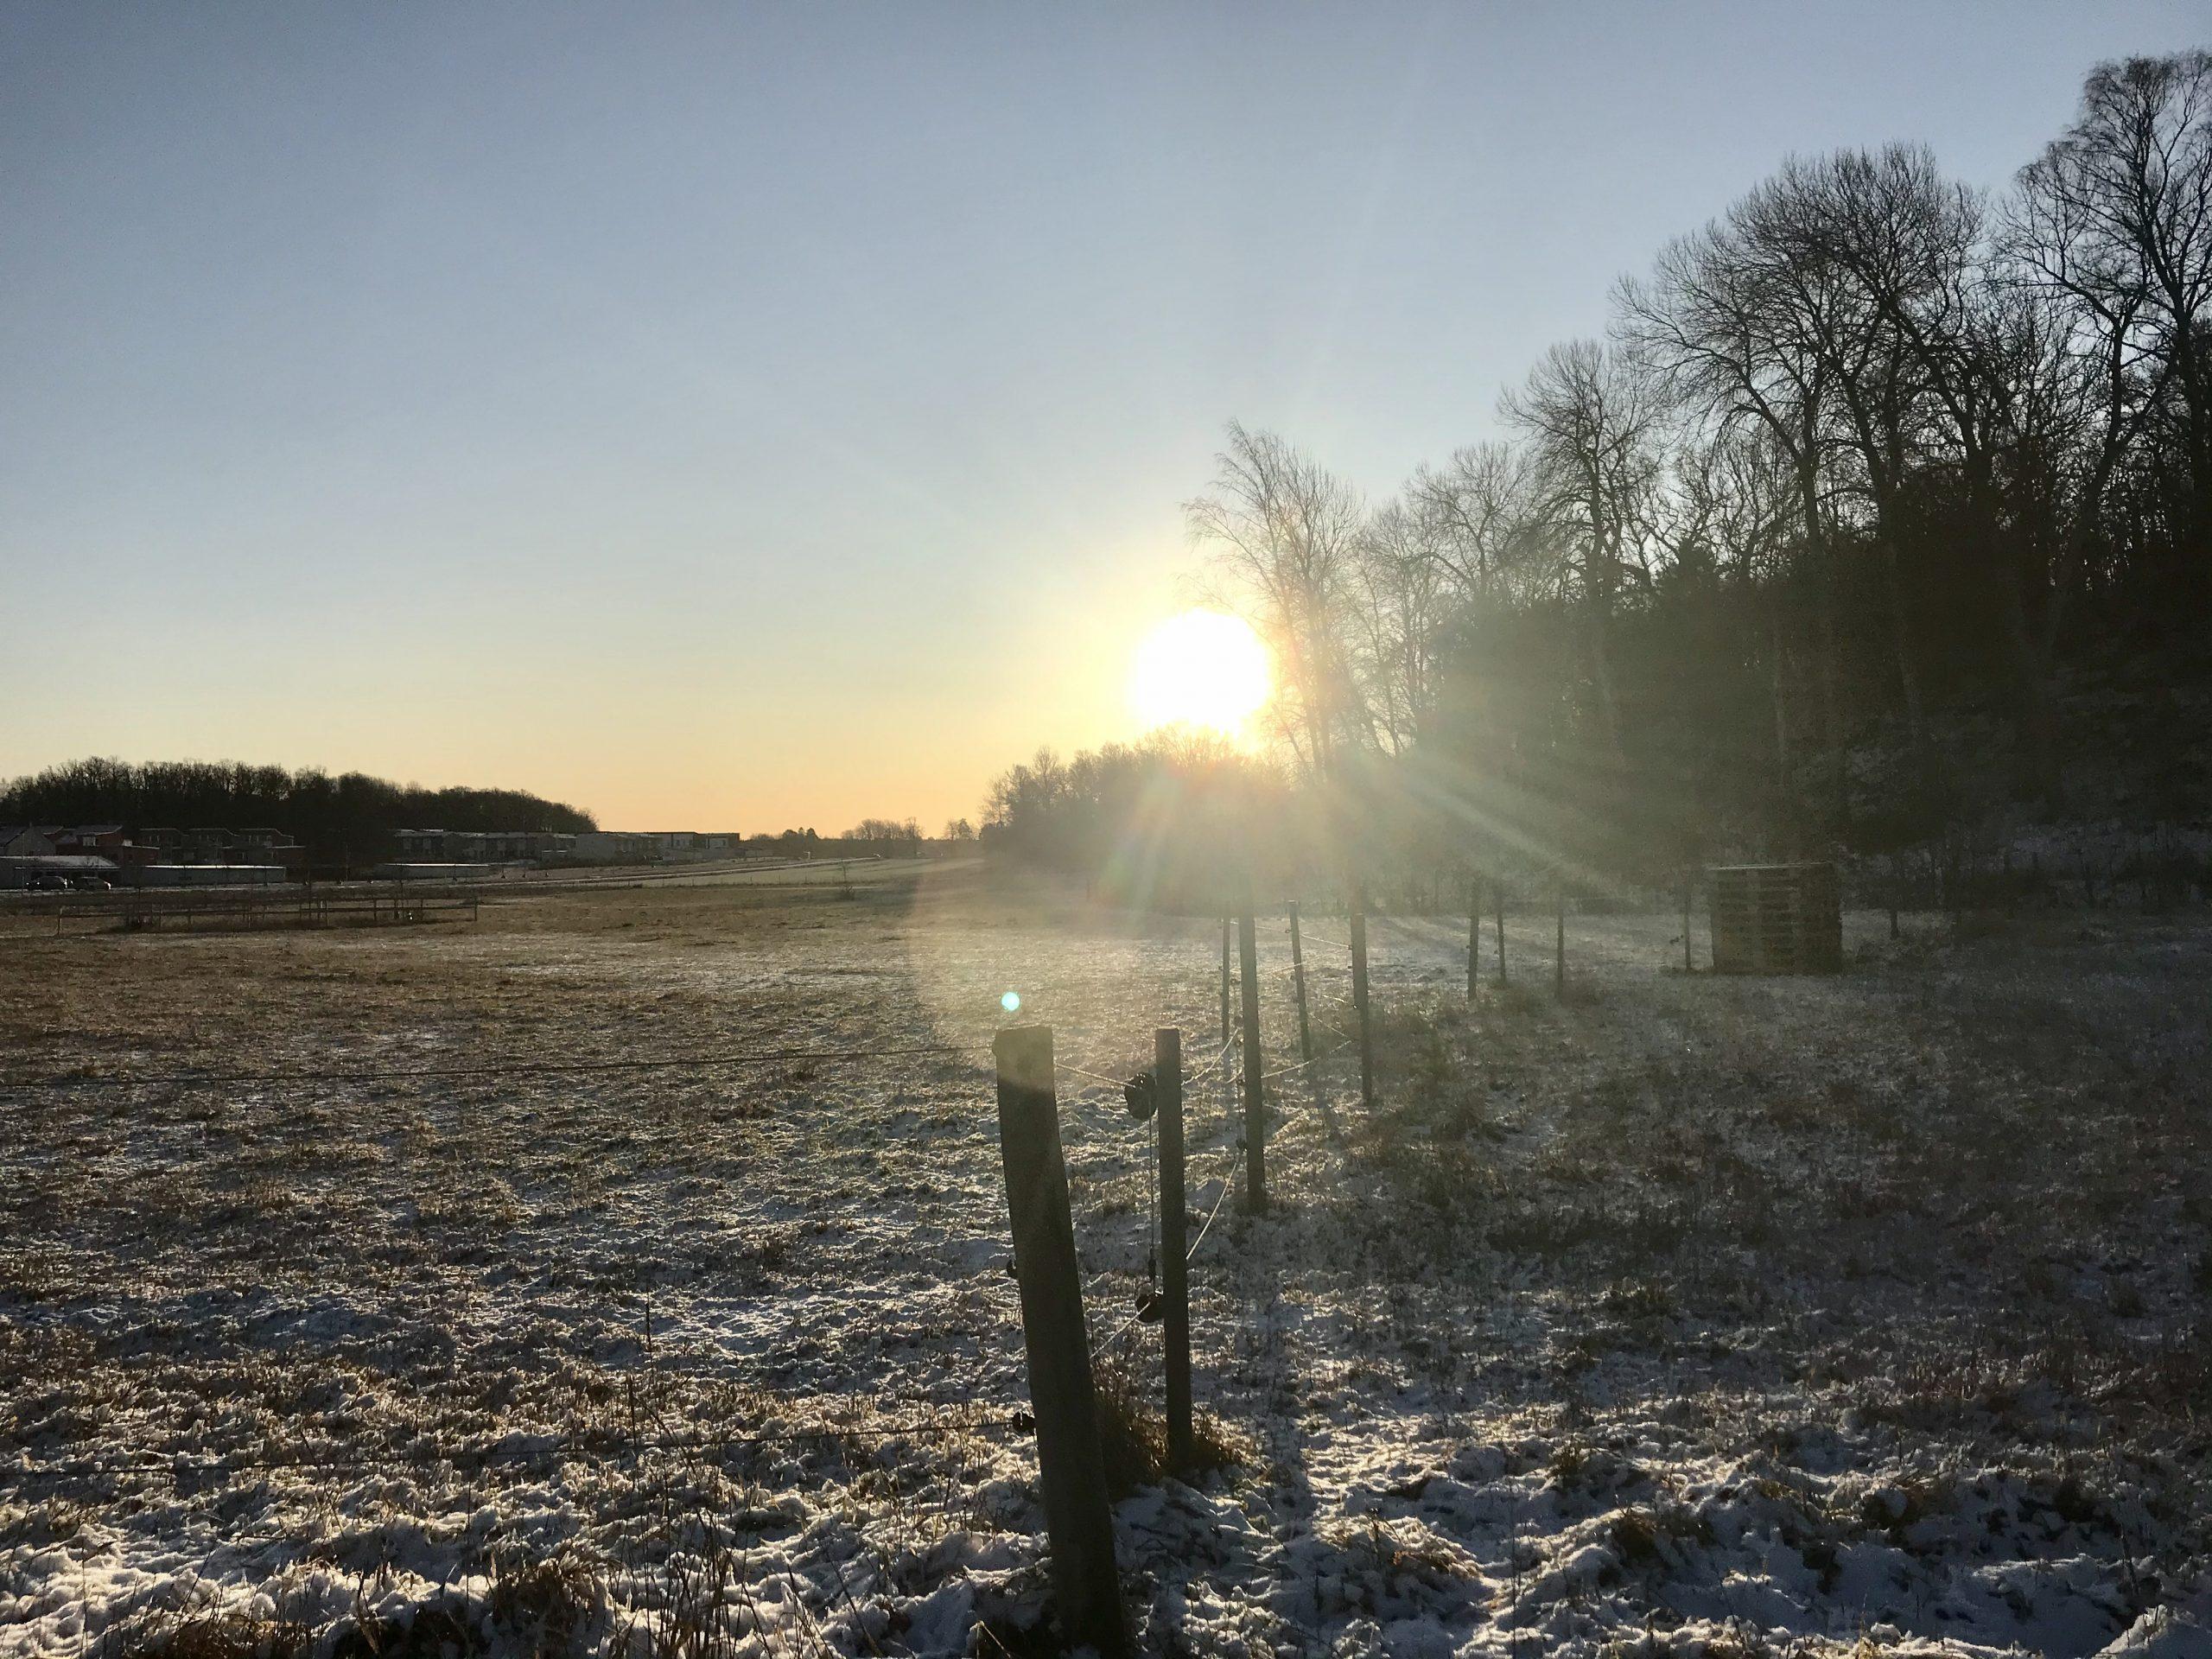 Vintersolståndet